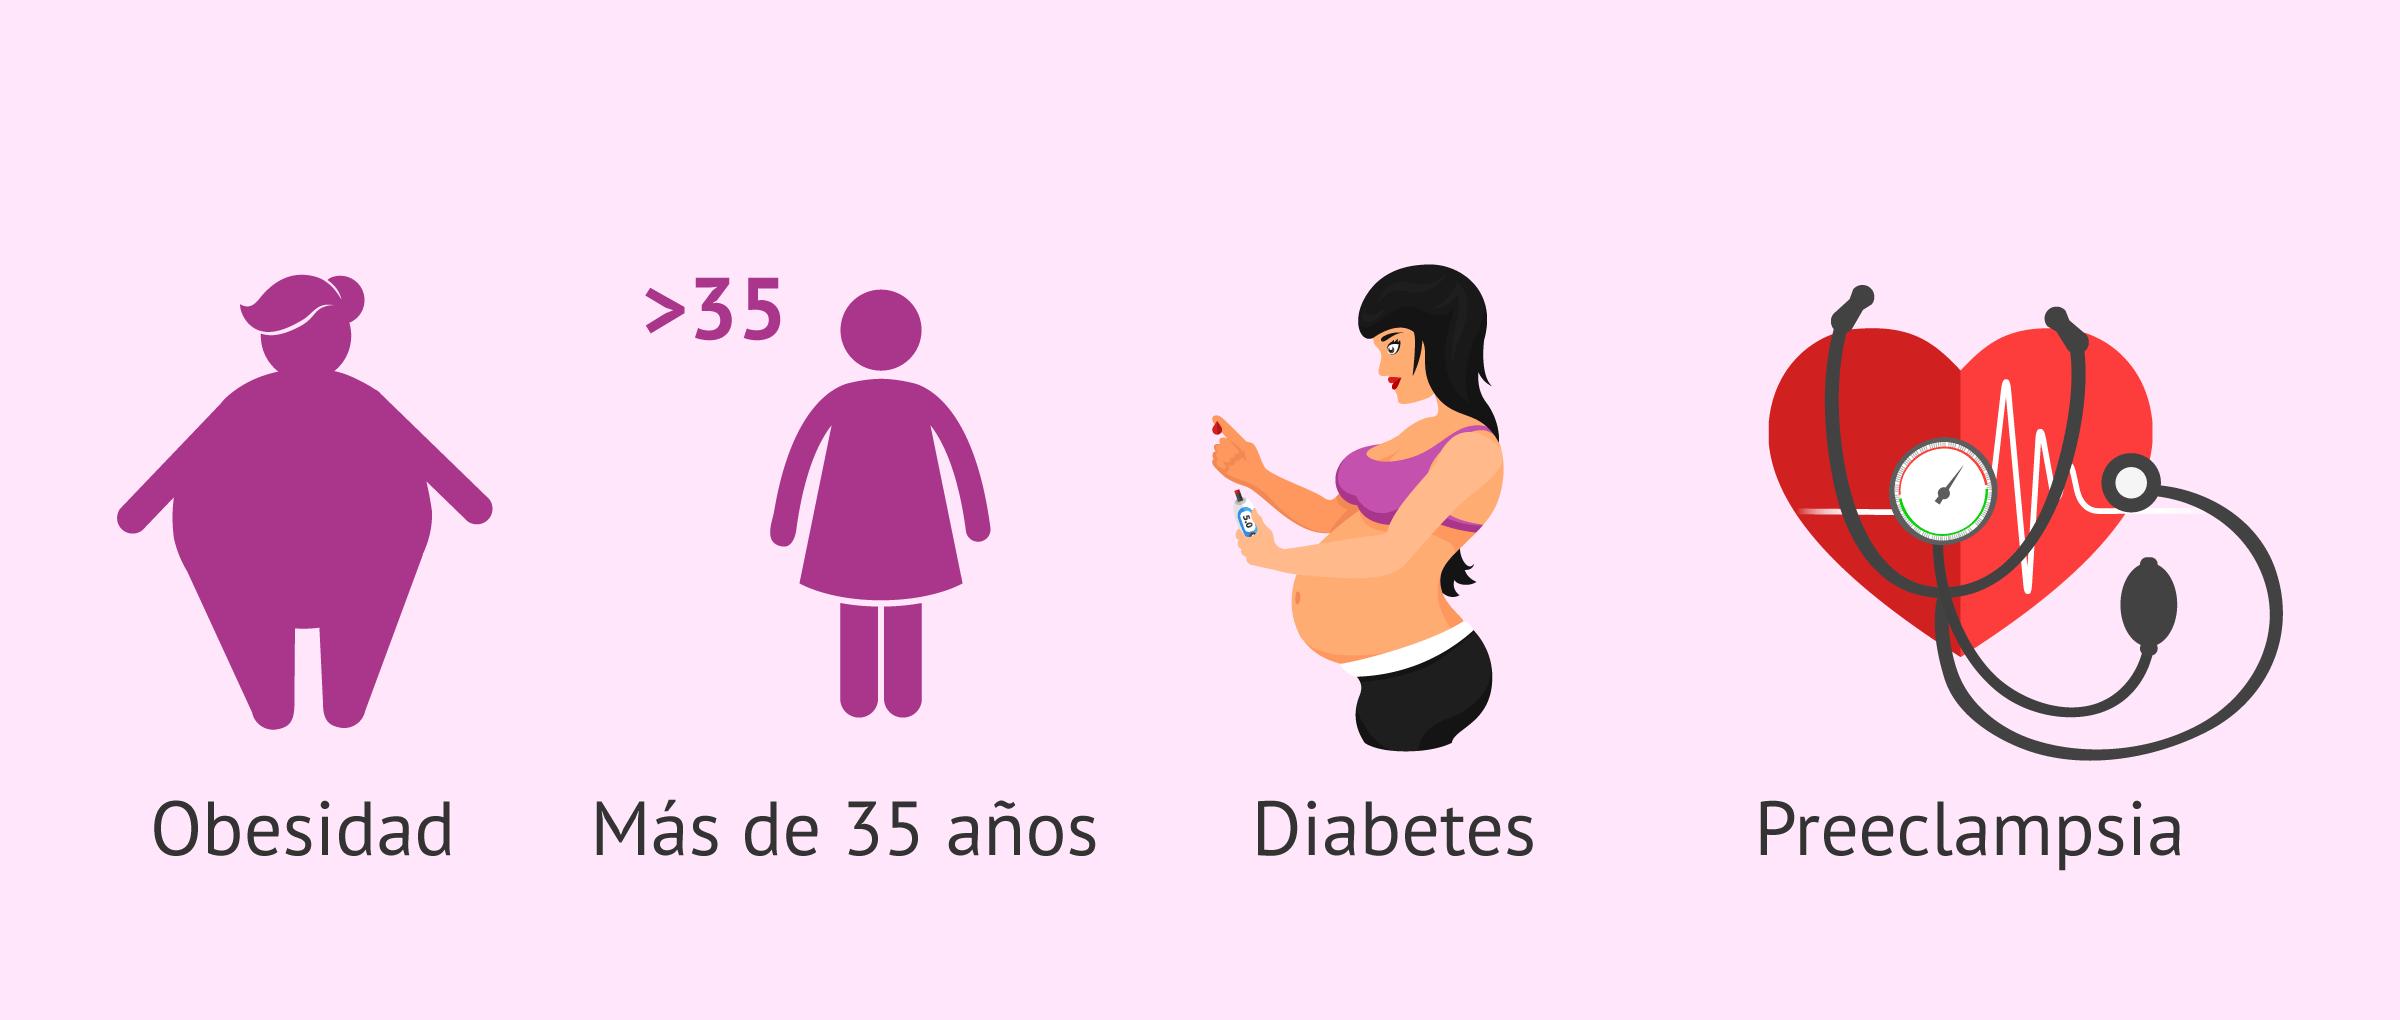 Factores de riesgo para complicaciones COVID-19 en el embarazo